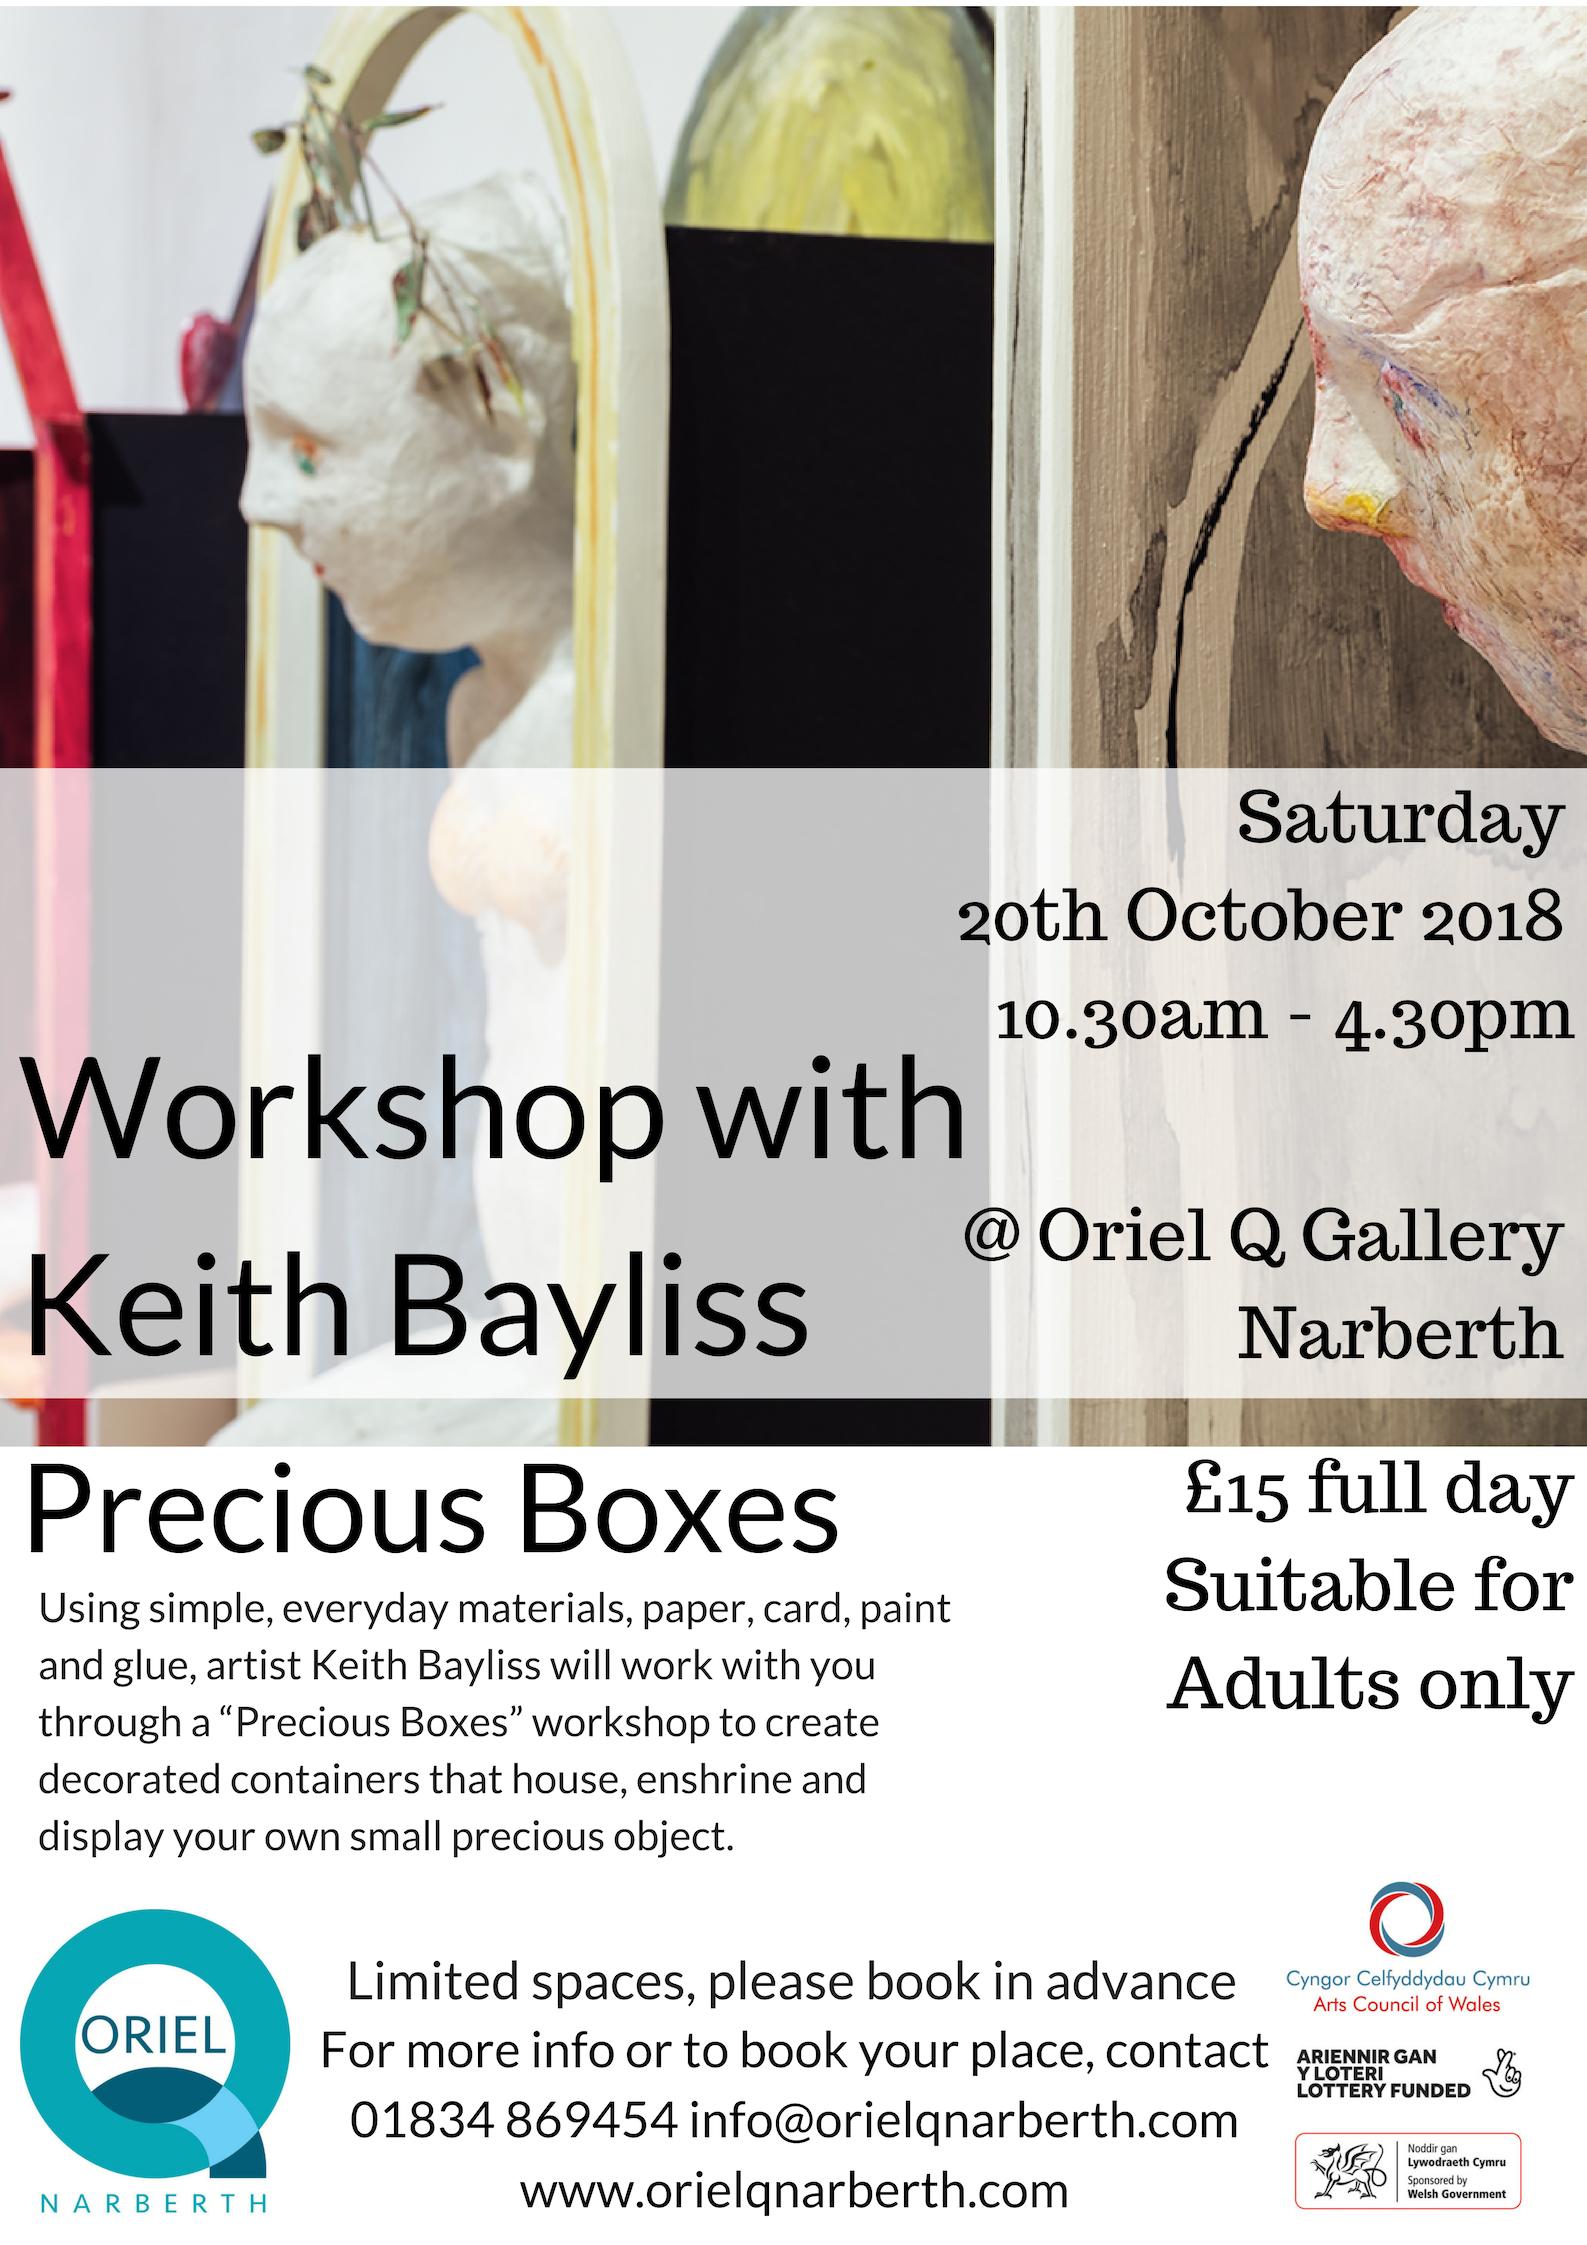 keith b poster workshop.jpg